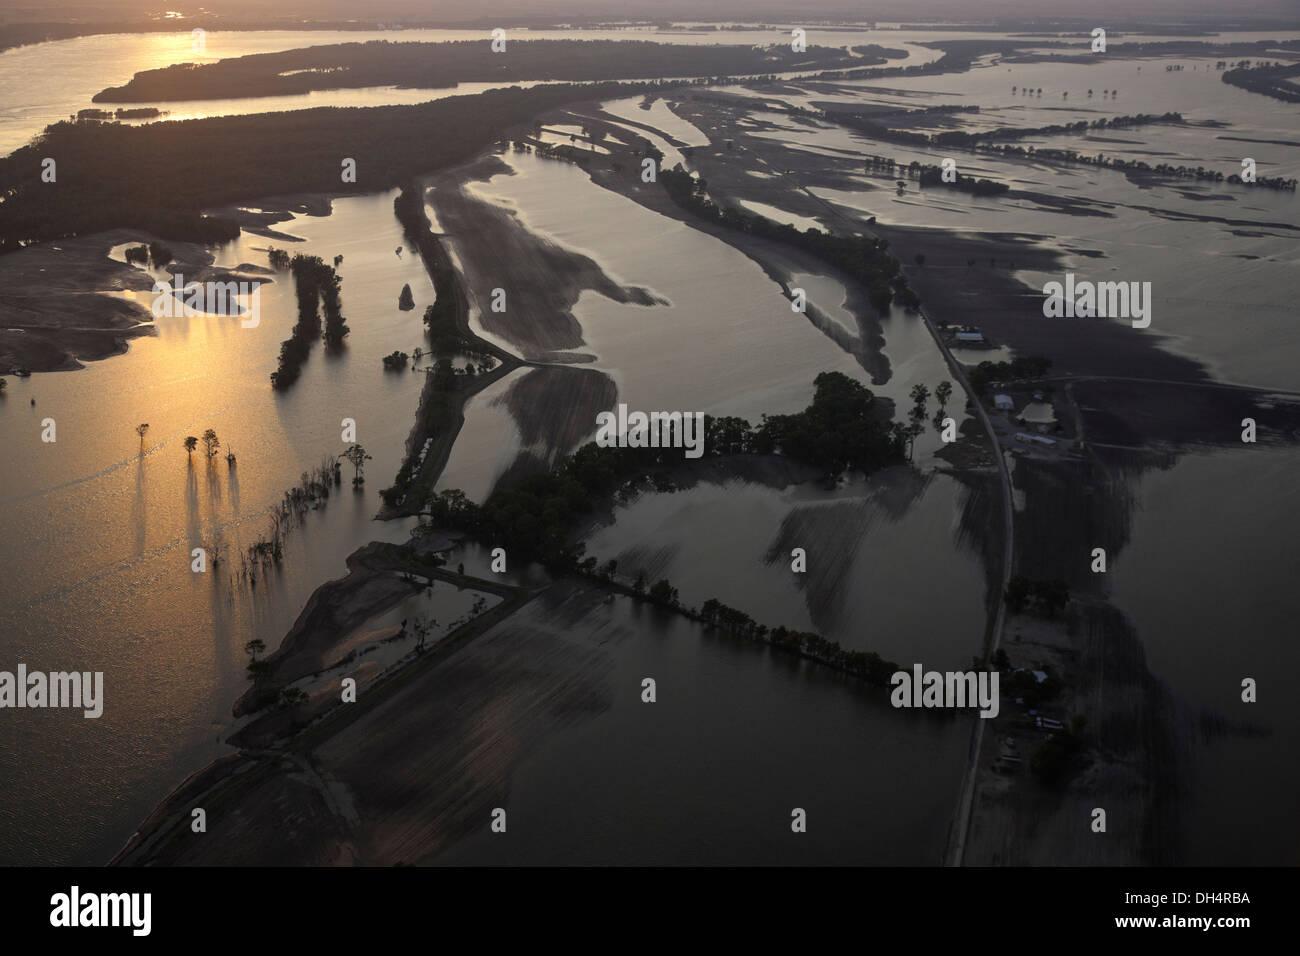 Ackerland in der Nähe von Finley, Tennessee zu überfluten Stockbild